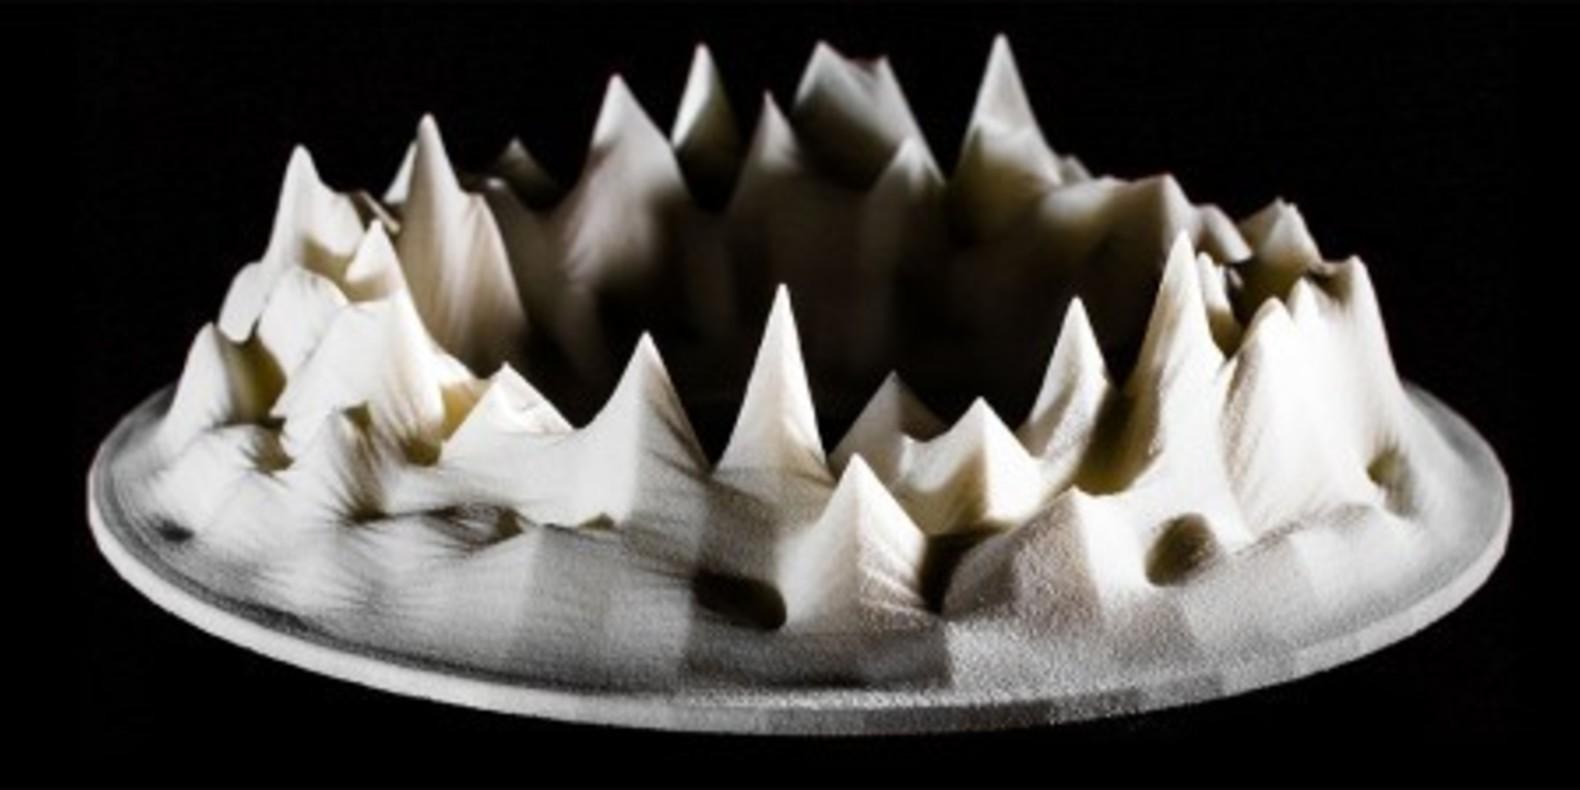 Lukasz Karluk holodecks 3D printing sound music sculpture design cults cults3D fichier 3D Zebra 1